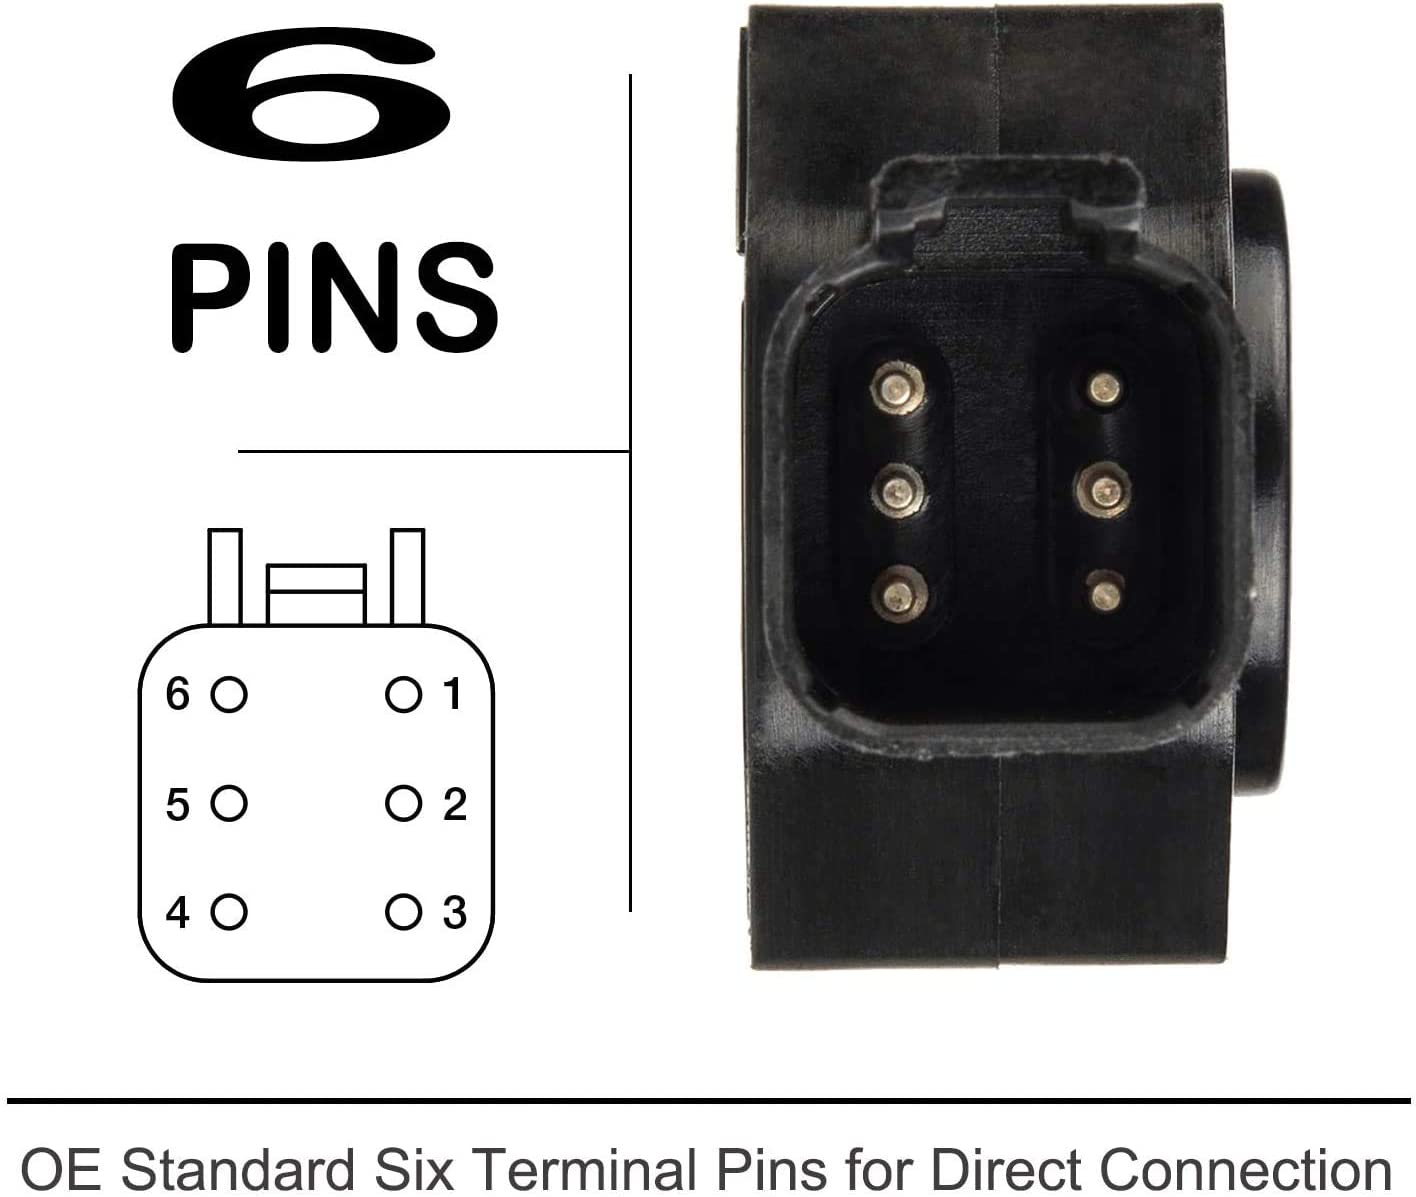 98-04 Cummins Diesel 5.9L TPS347 1998-2004 Dodge Ram 2500 Throttle Position Sensor TPS Replaces OE# AP63427 3500 53031575 Accelerator Pedal Position Sensor APPS 56028184AB